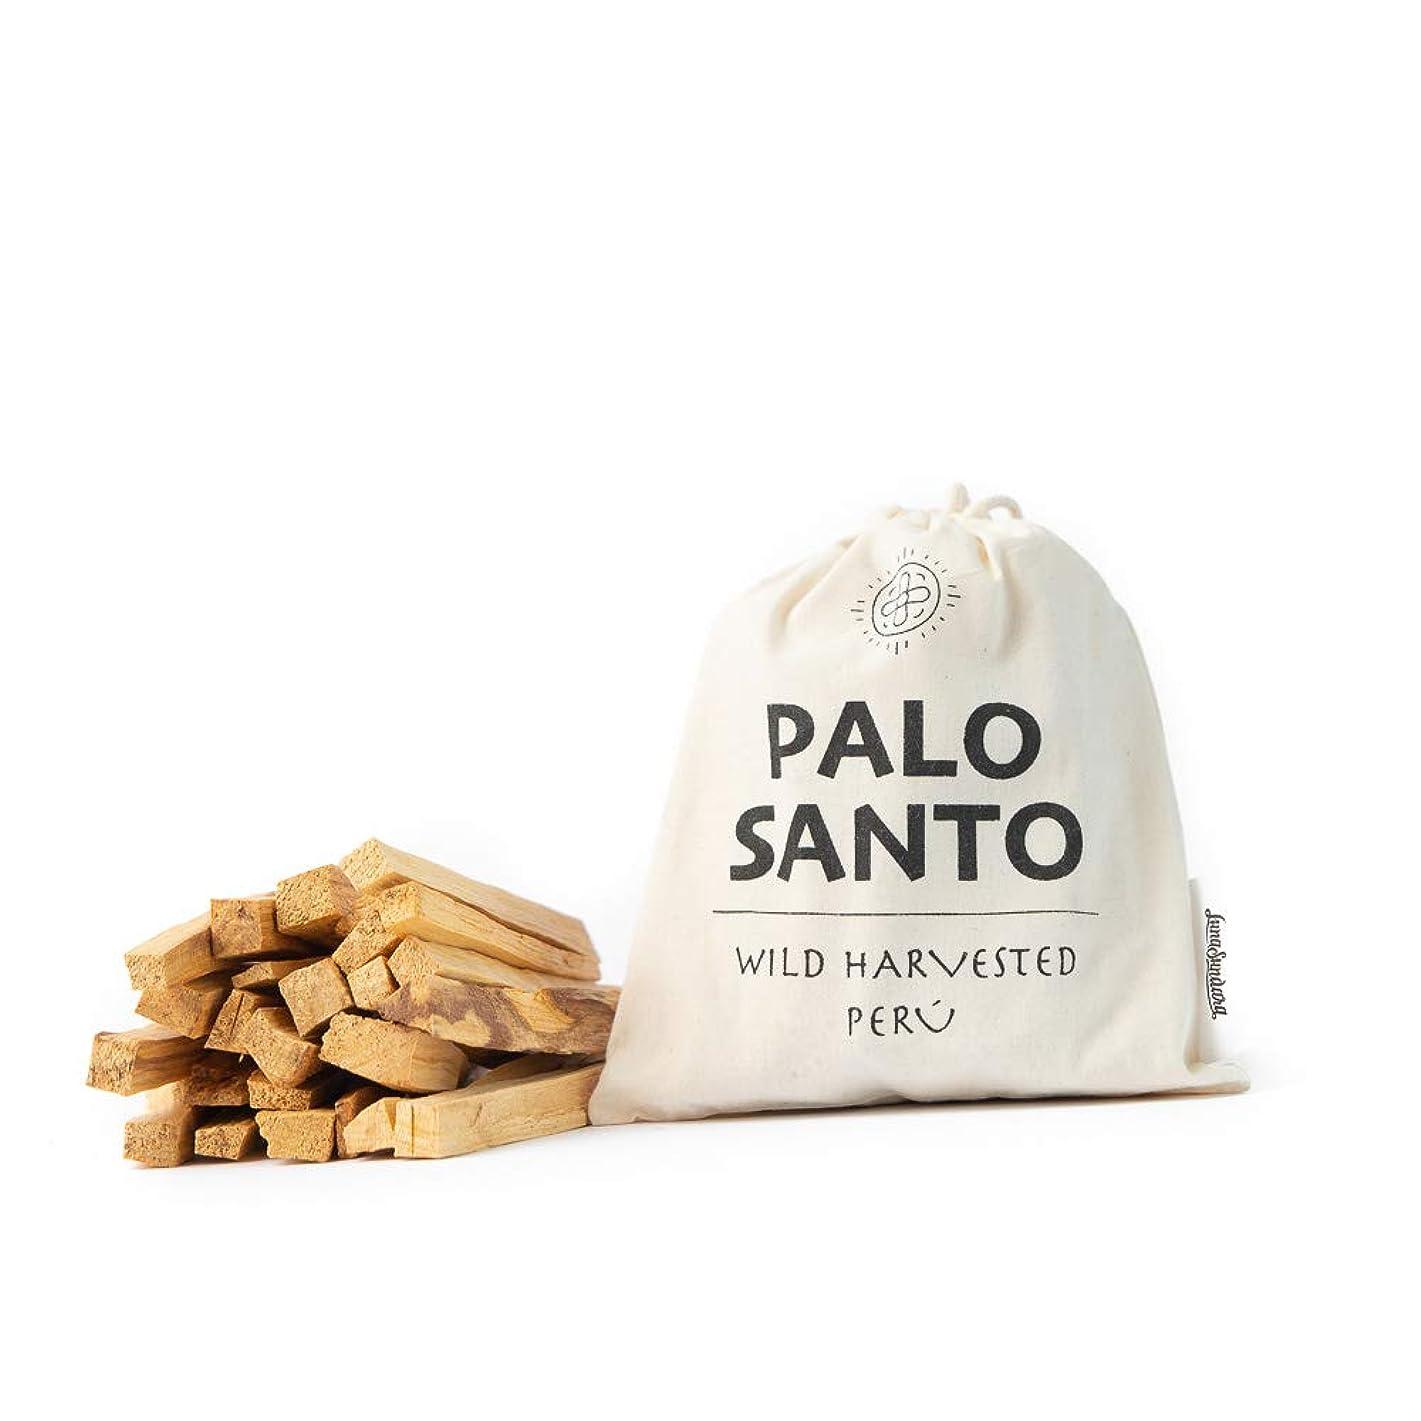 血色の良いアクチュエータ取り替えるLuna Sundara Palo Santo Smudging Sticks Peru Sustainably Harvested Quality Hand Picked - 100グラム(約18-25スティック)